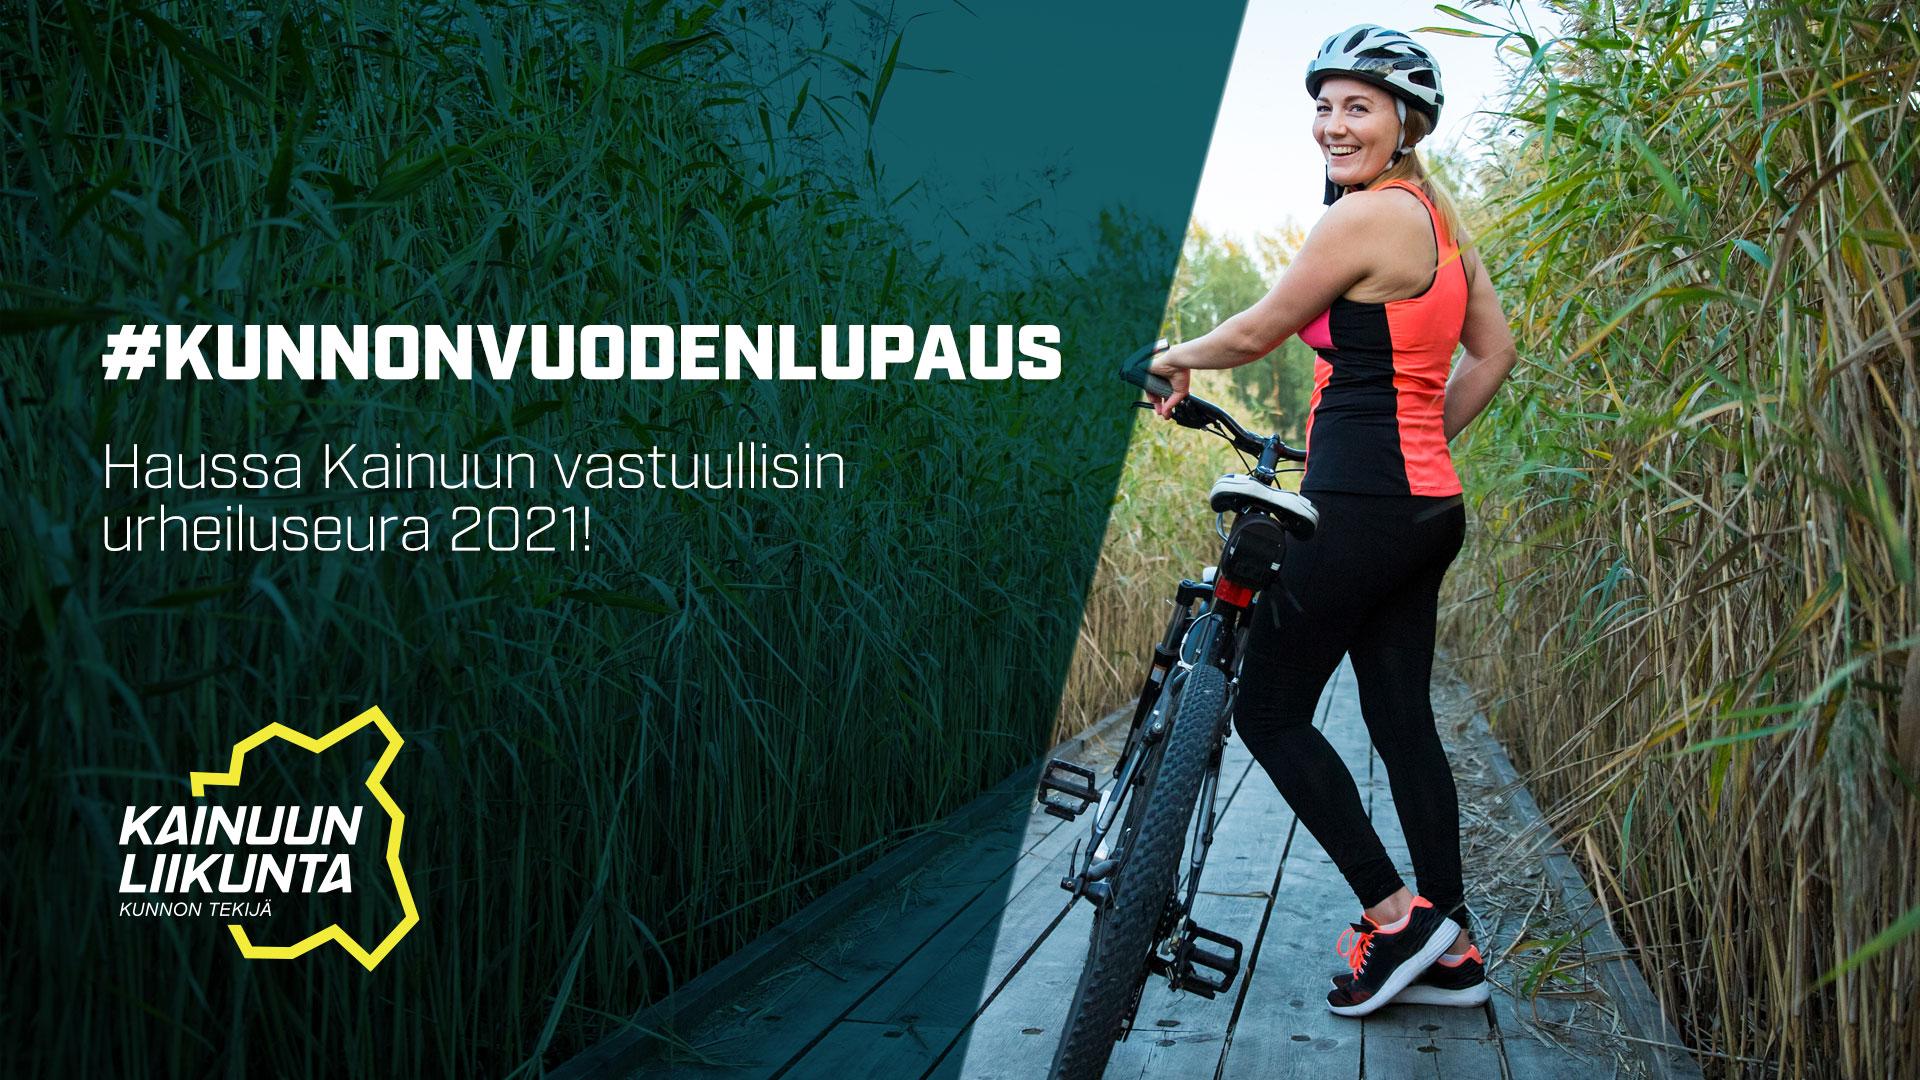 #kunnonvuodenlupaus - Haussa Kainuun vastuullisin urheiluseura 2021!